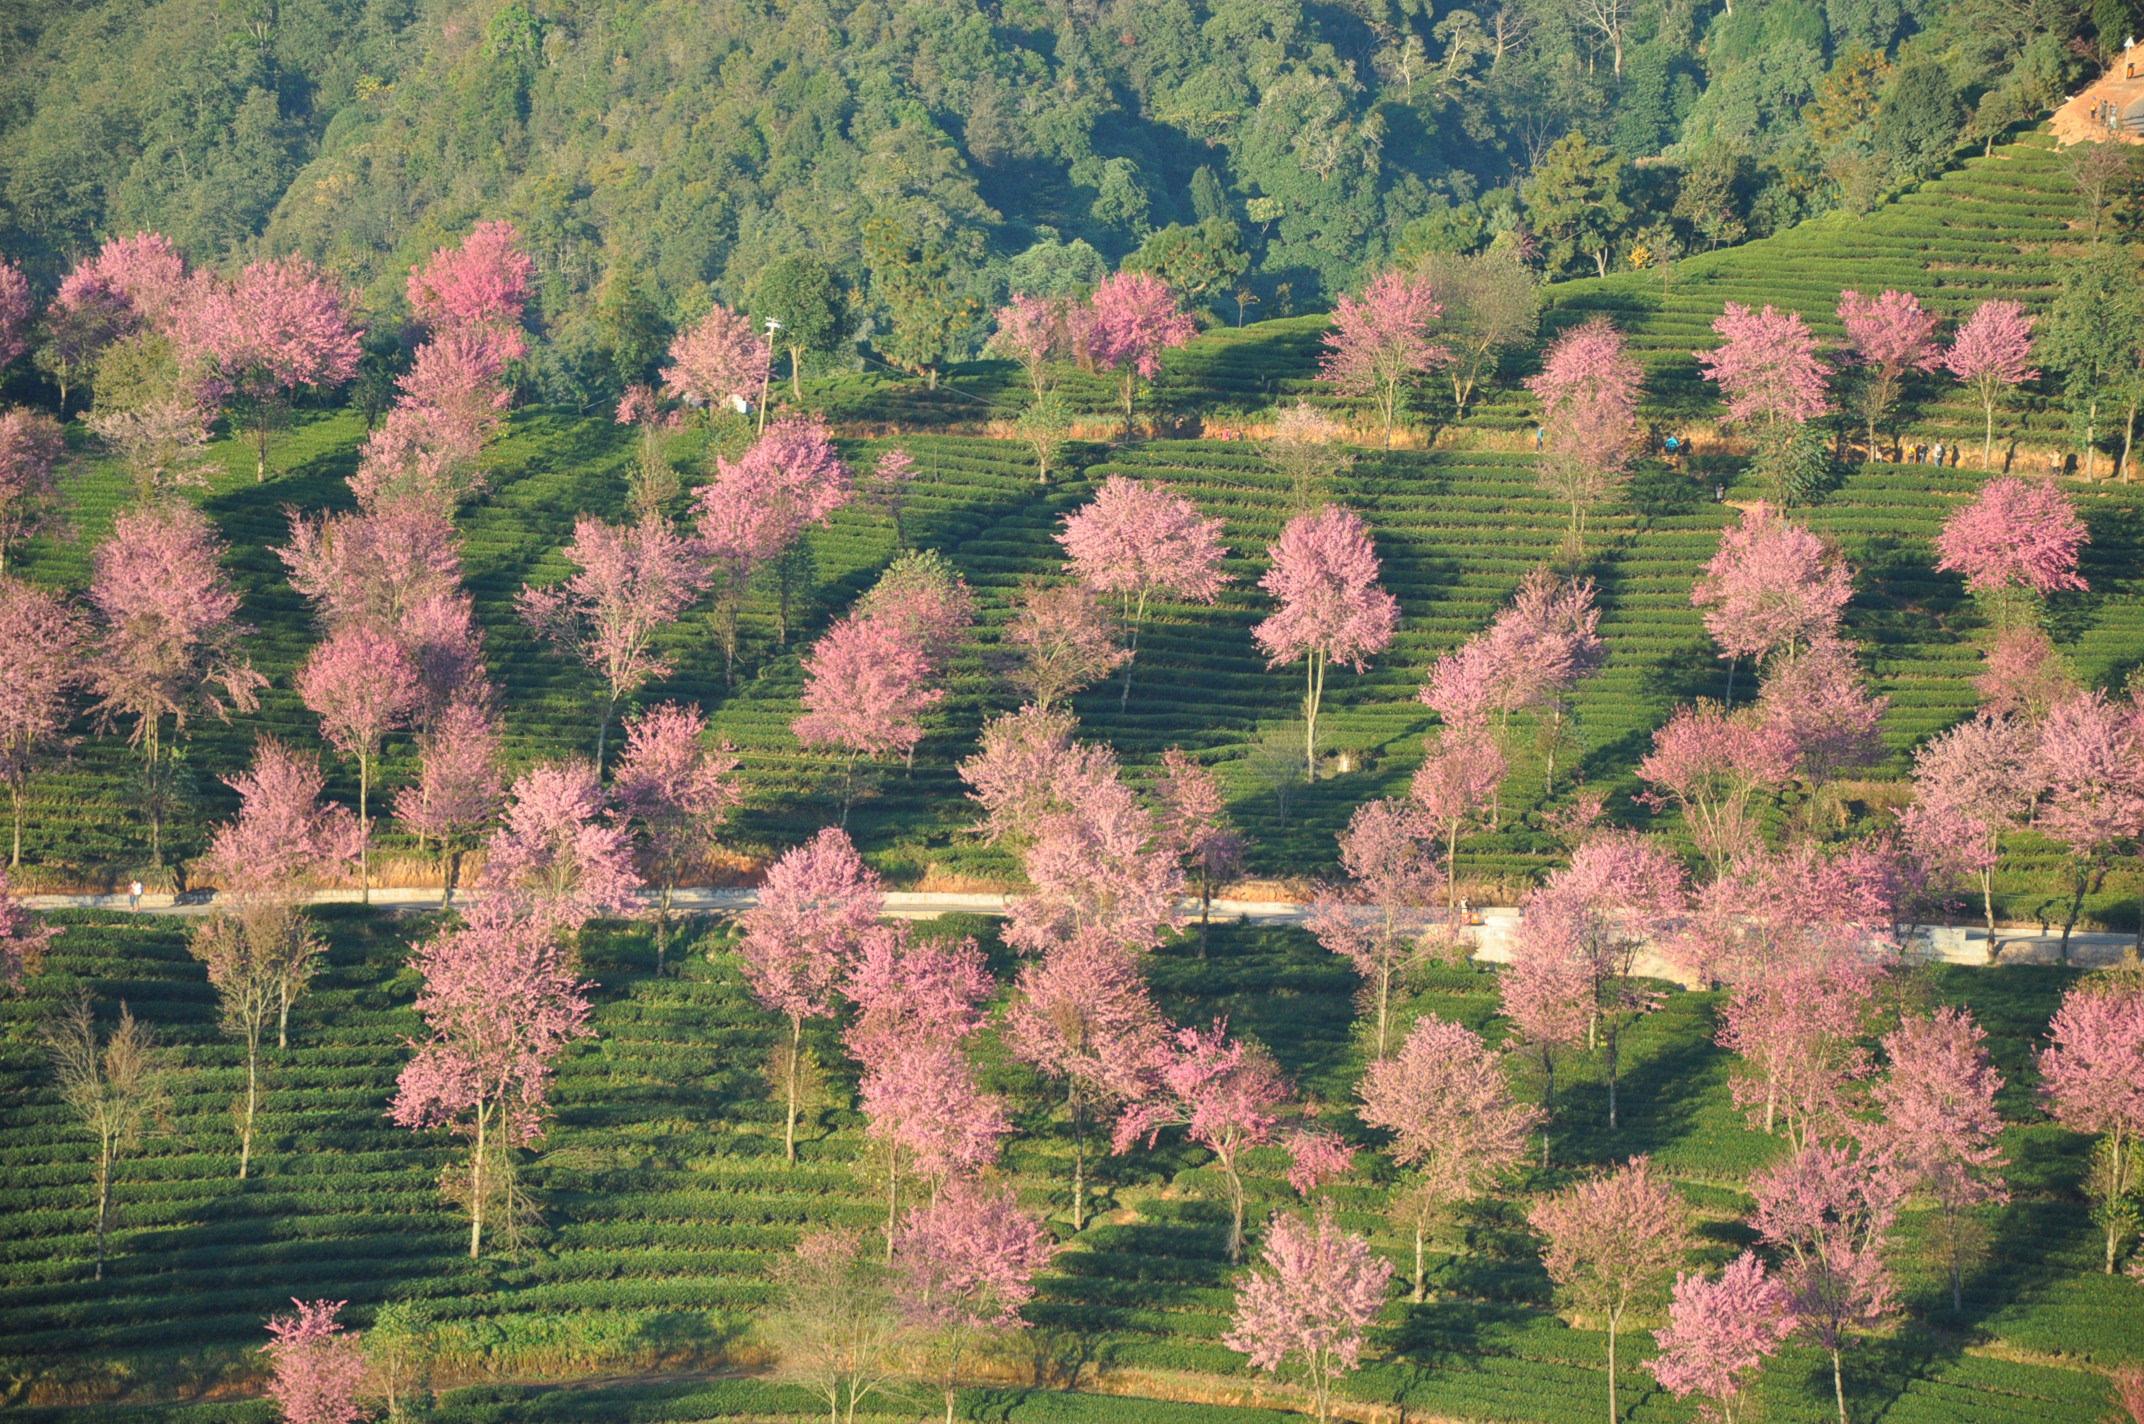 樱花谷,这些樱花本是为茶树遮阴而种,没想到现在却成了一道独特的风景